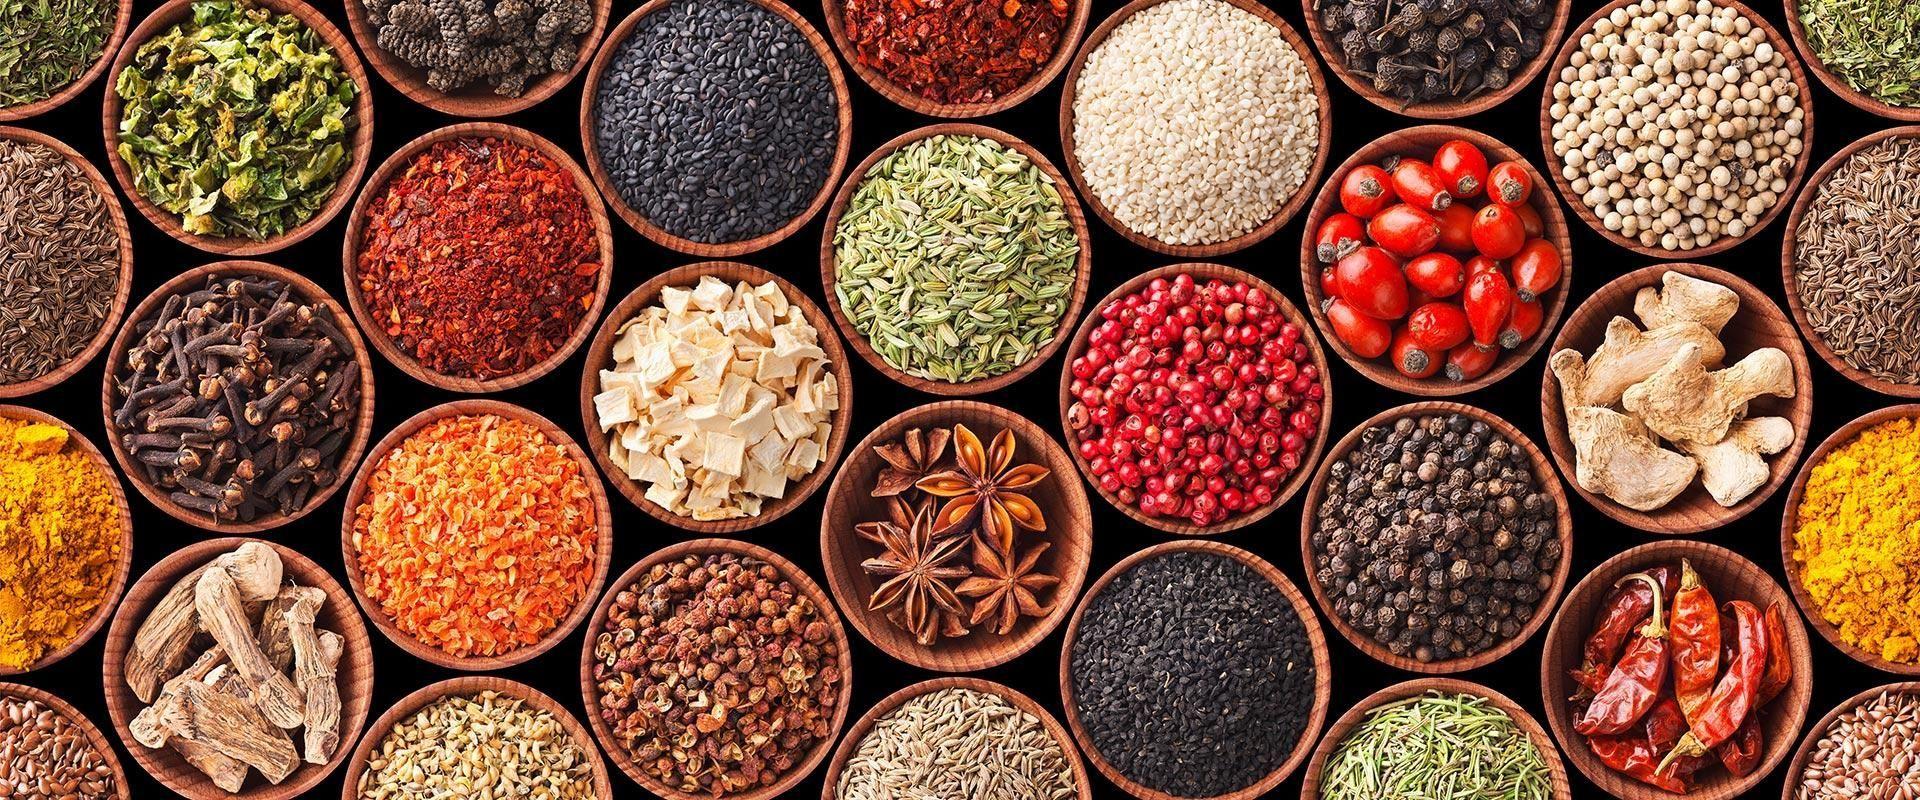 گیاهان دارویی با کیفیت صادراتی